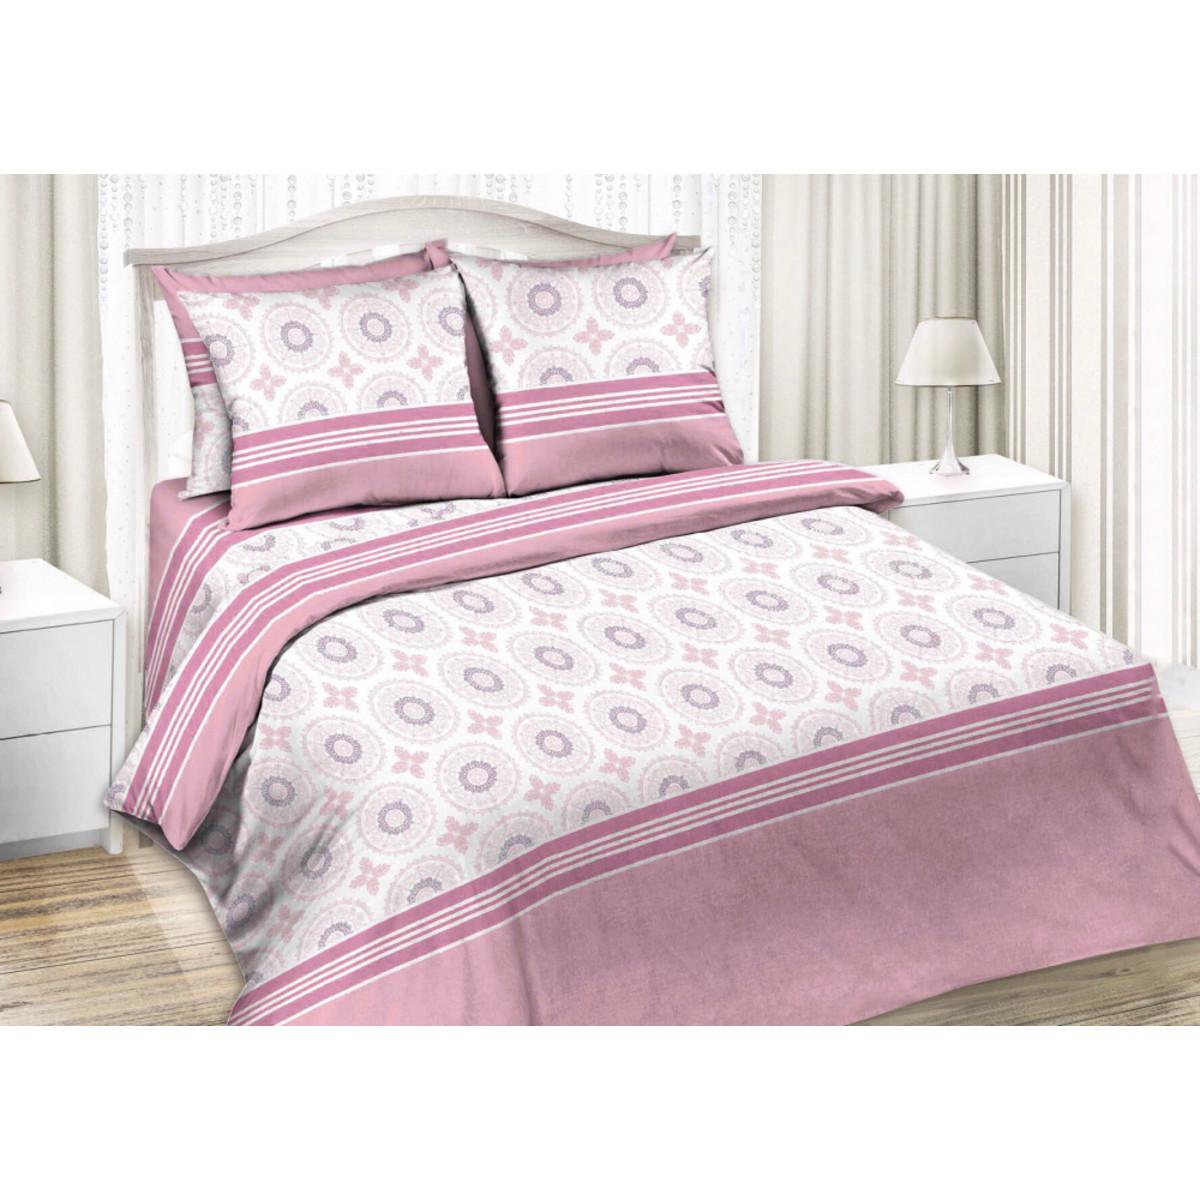 Комлплект постельного белья евро «Глория» бязь